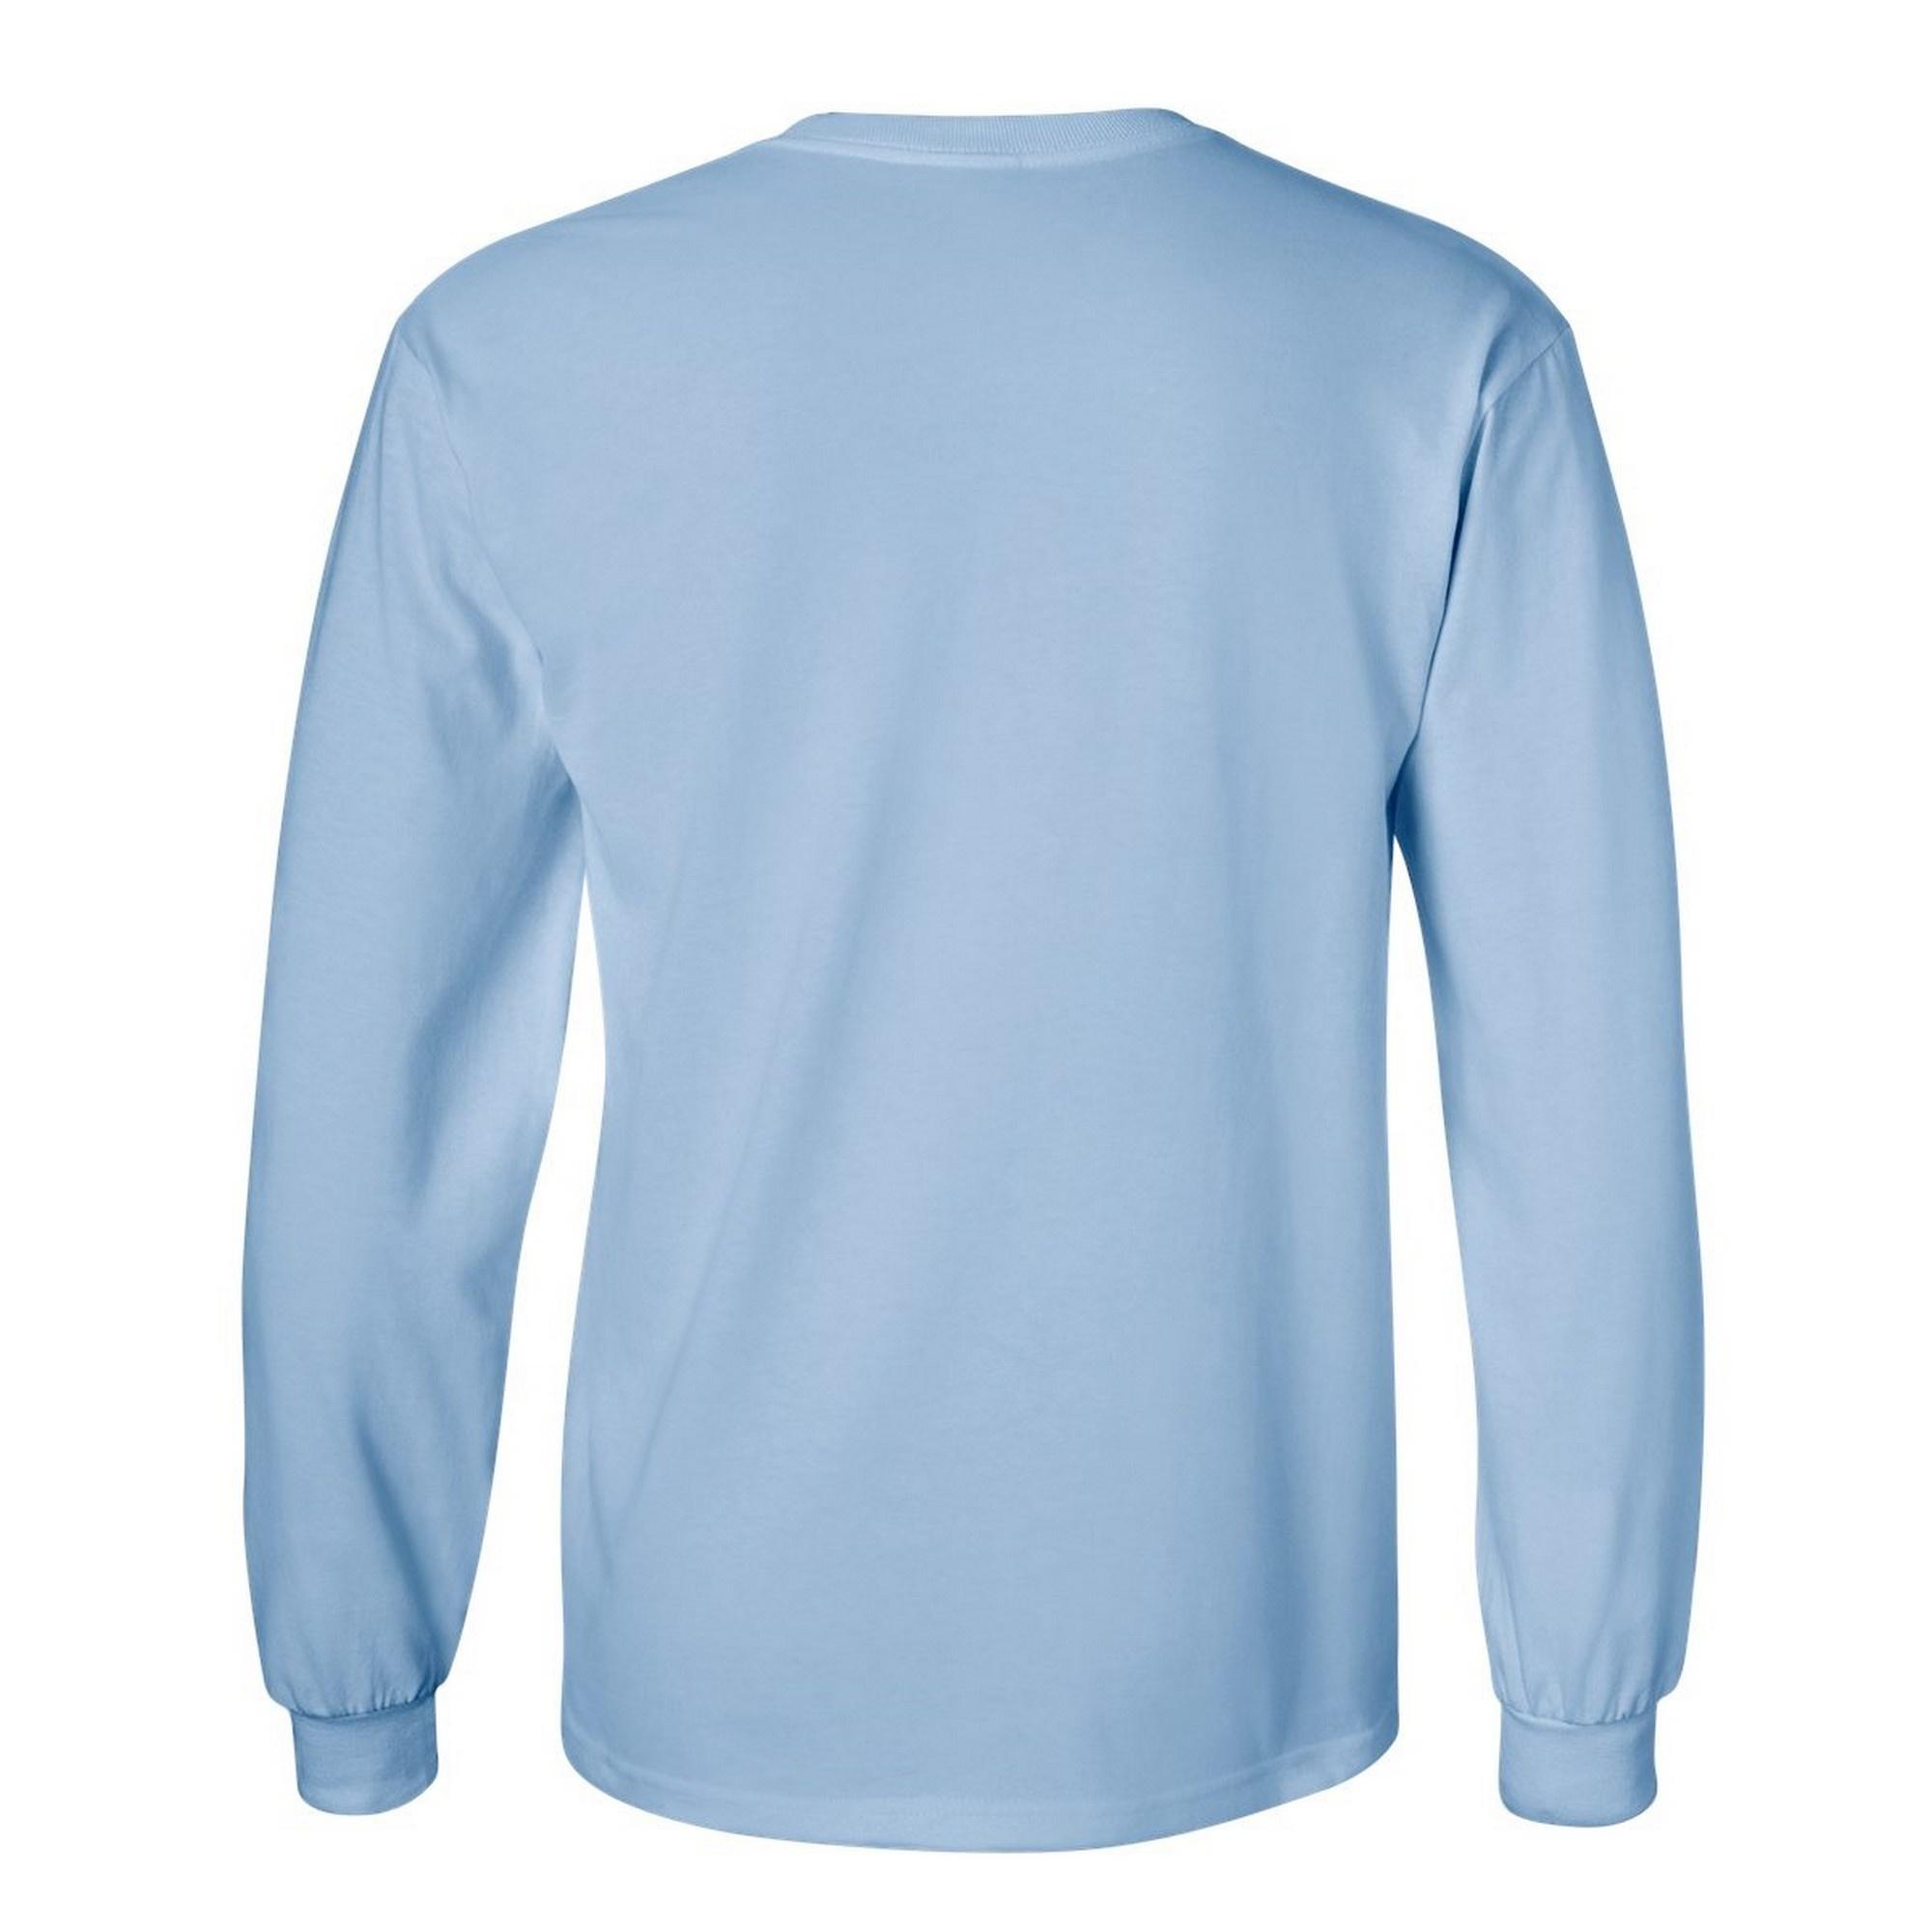 miniature 72 - T-shirt-uni-a-manches-longues-Gildan-100-coton-pour-homme-S-2XL-BC477